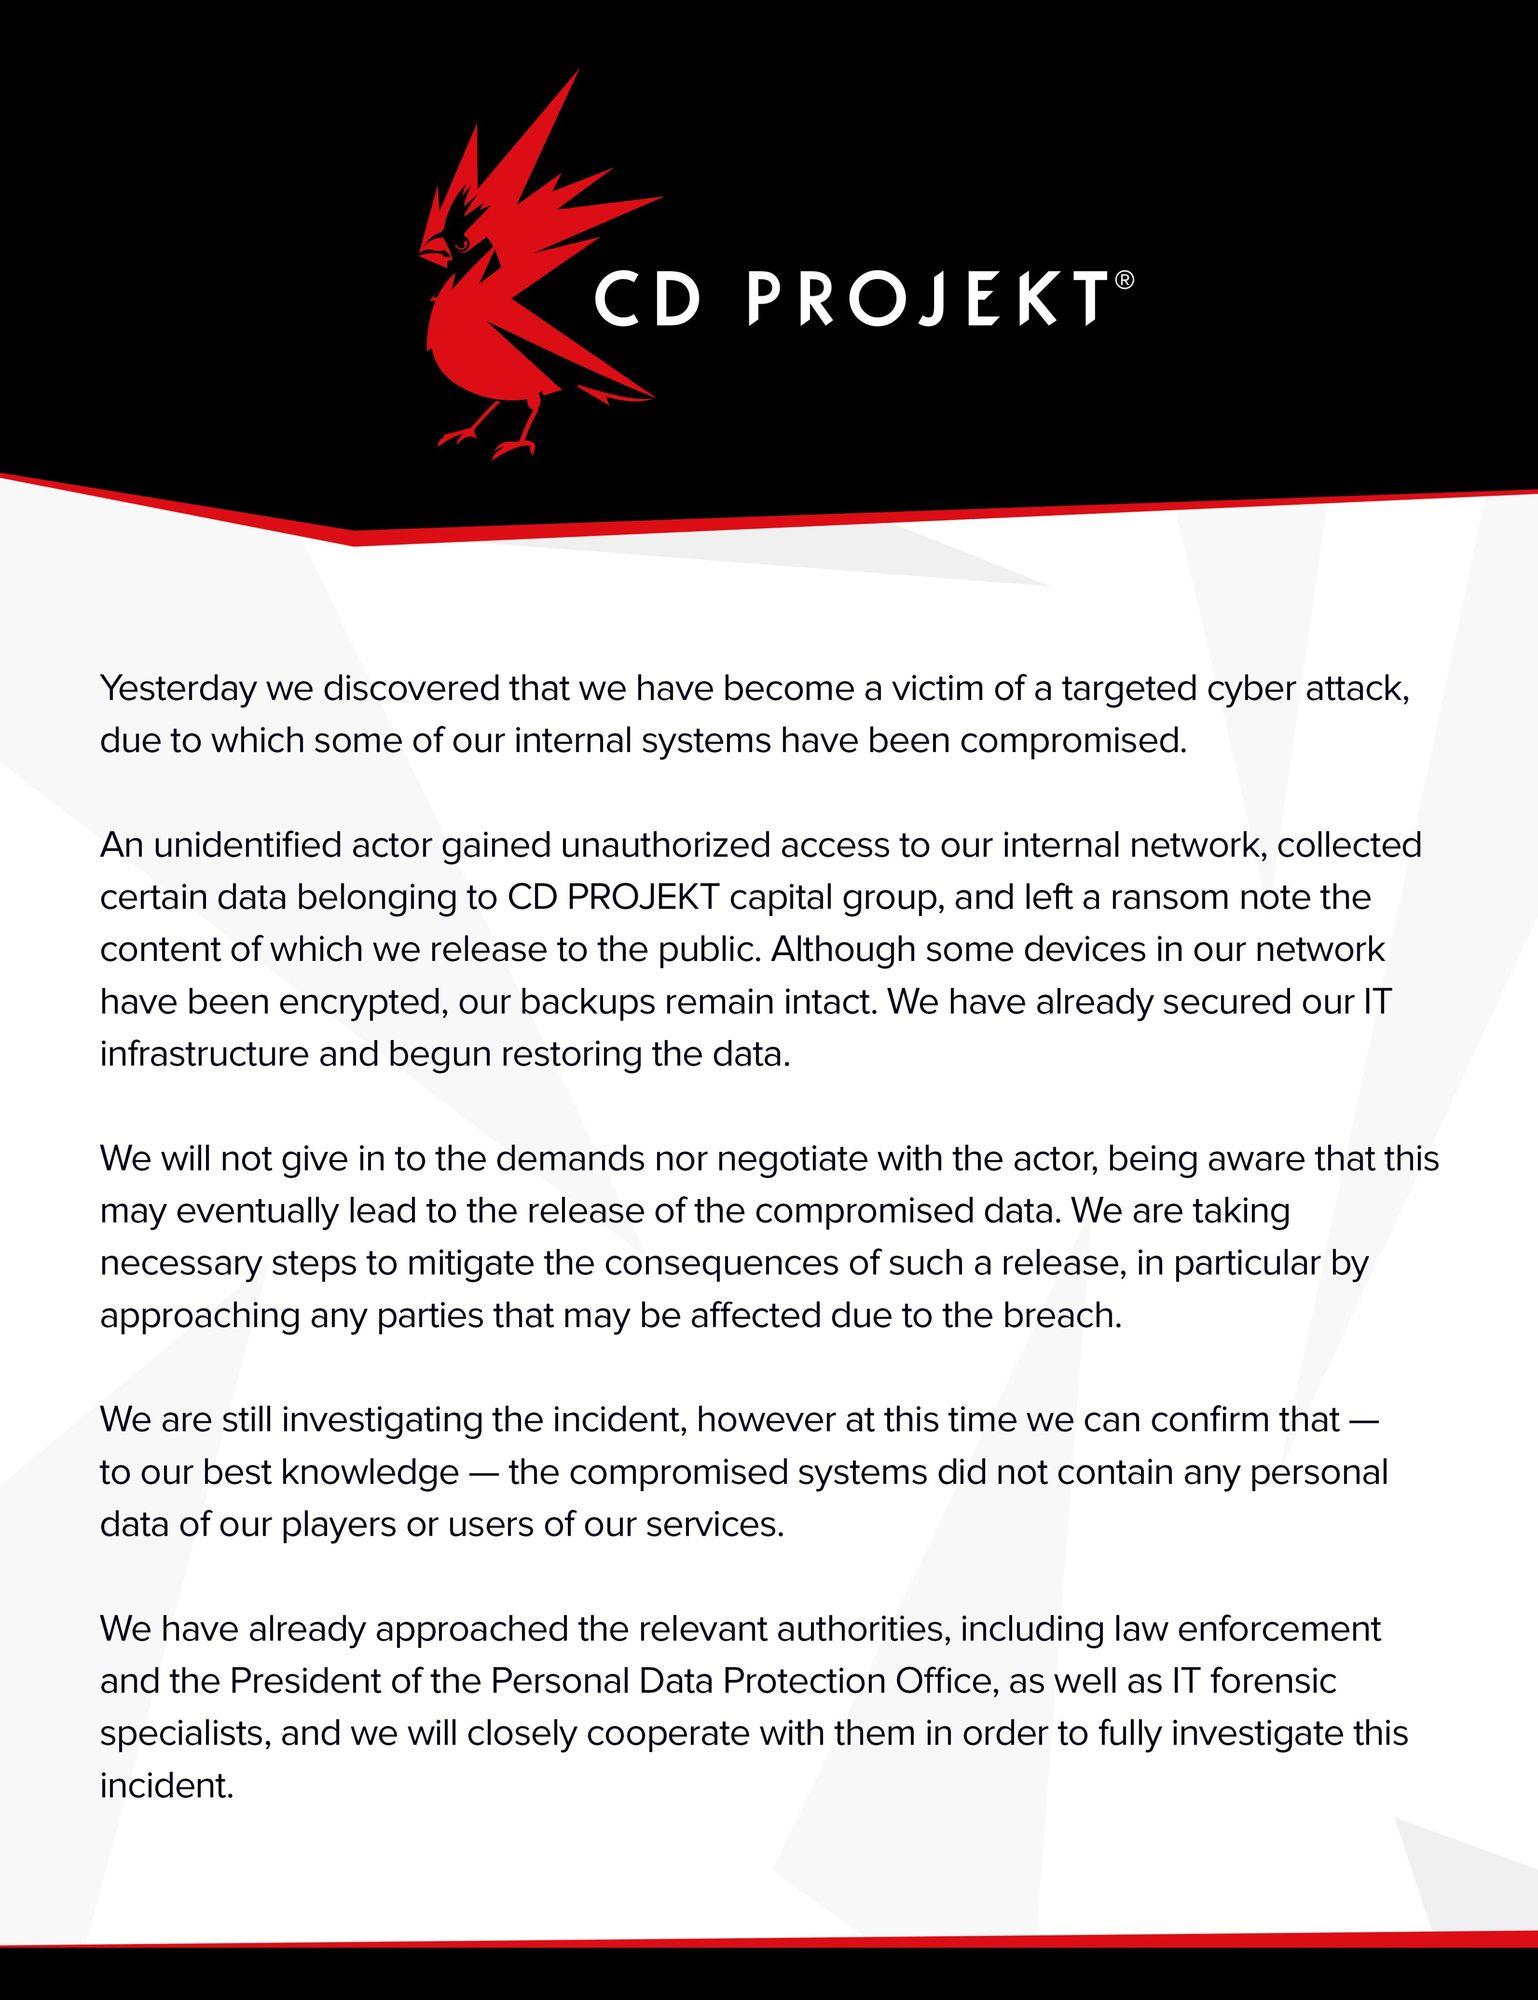 cd-projekt-oswiadczenie.jpg